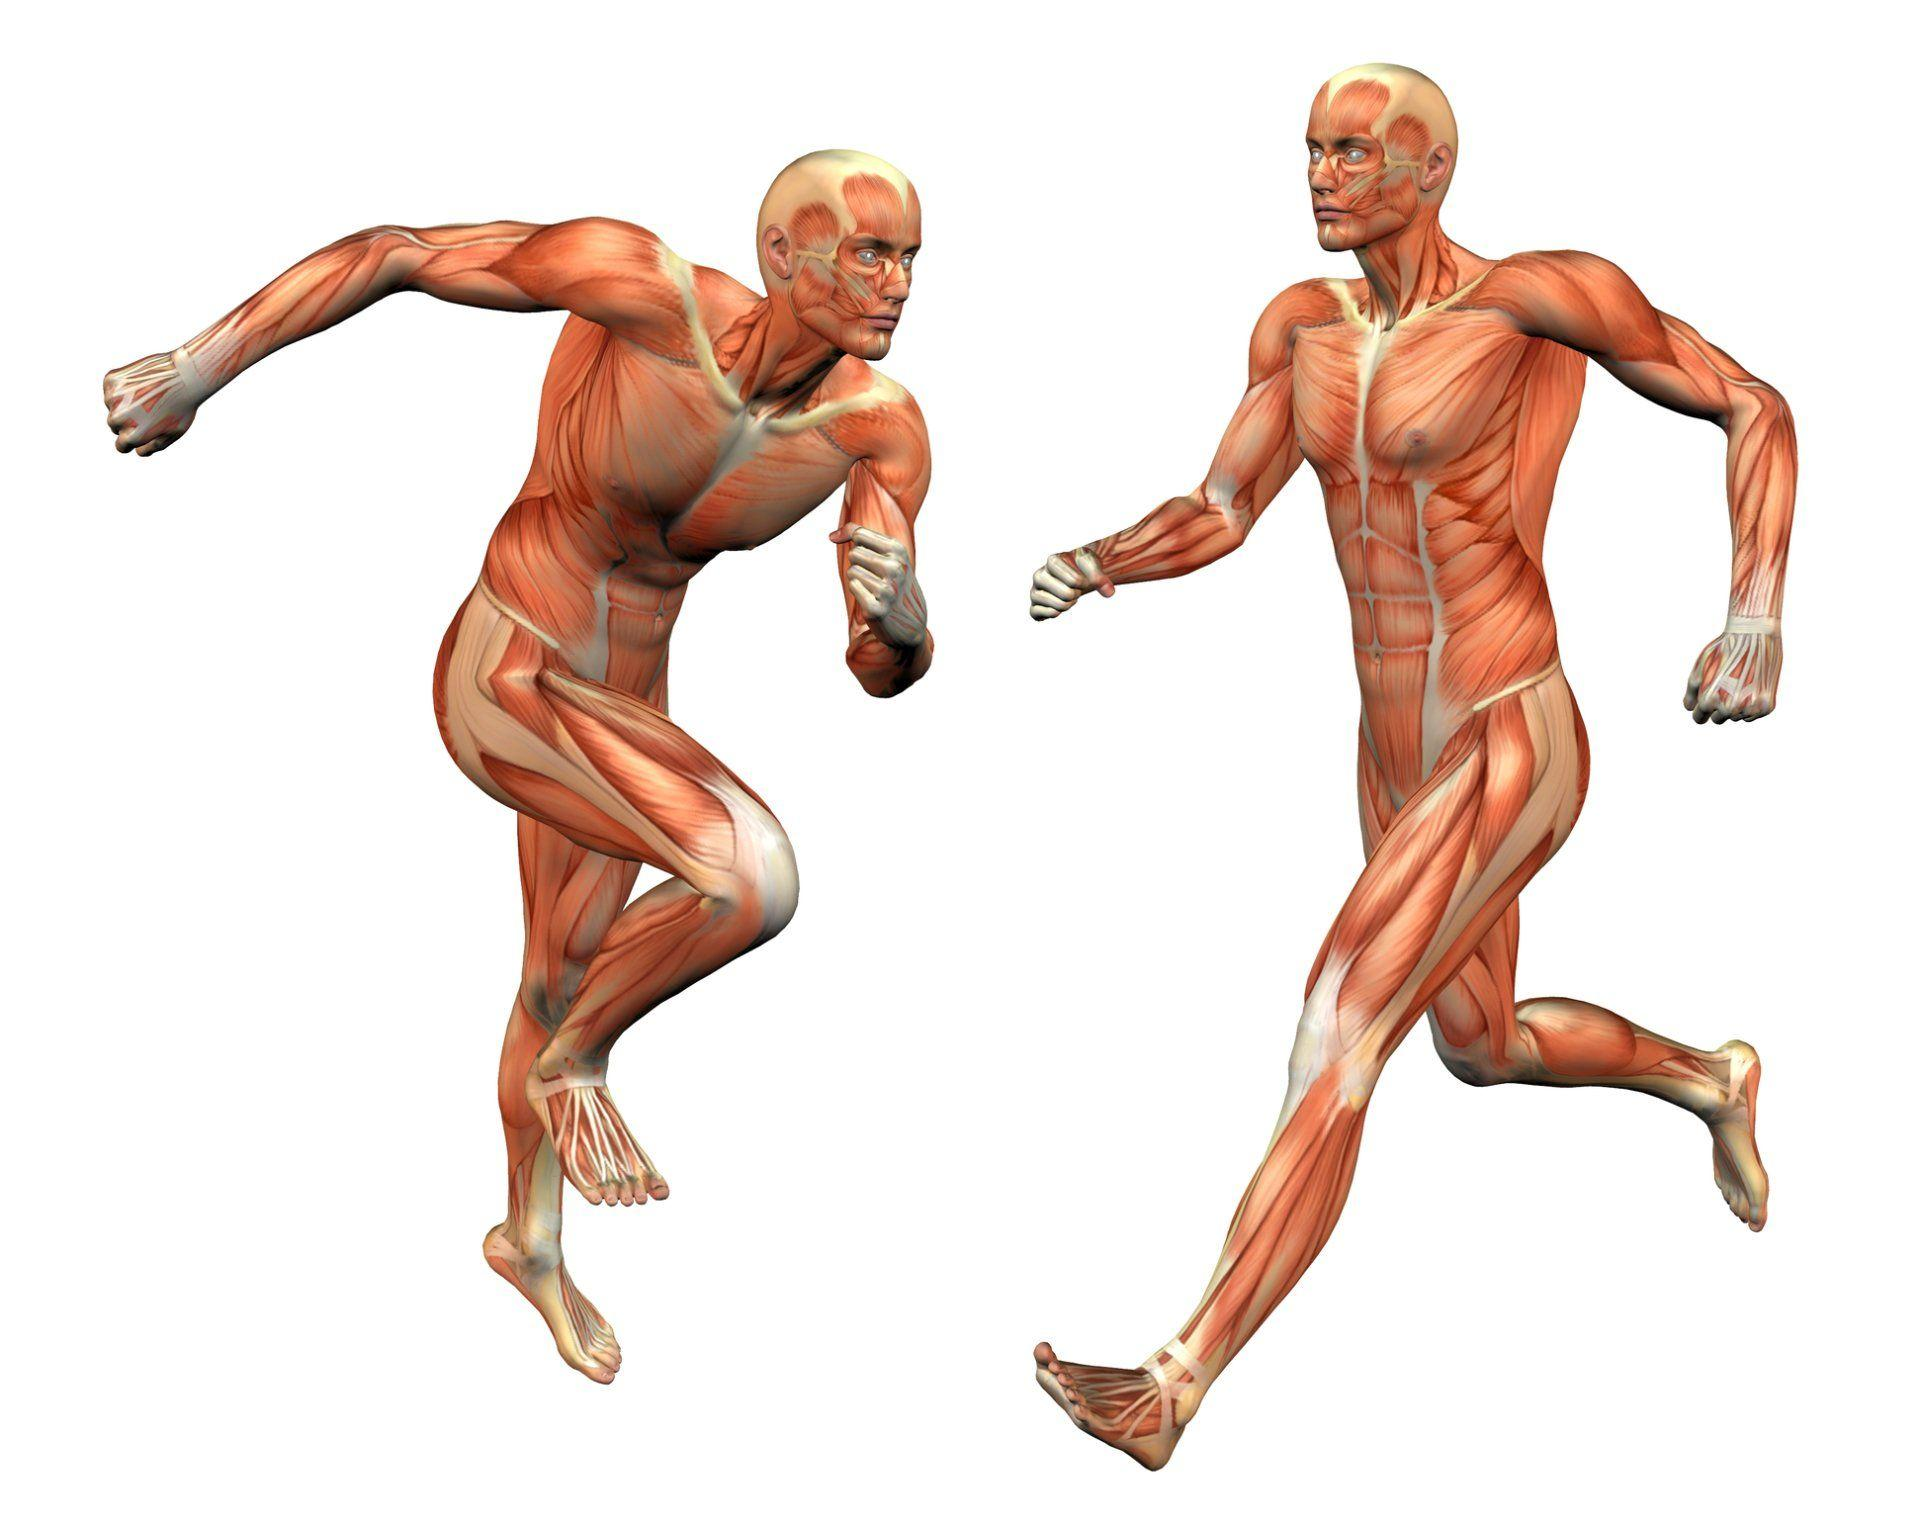 Какие мышцы работают при беге - спорт с точки зрения анатомии